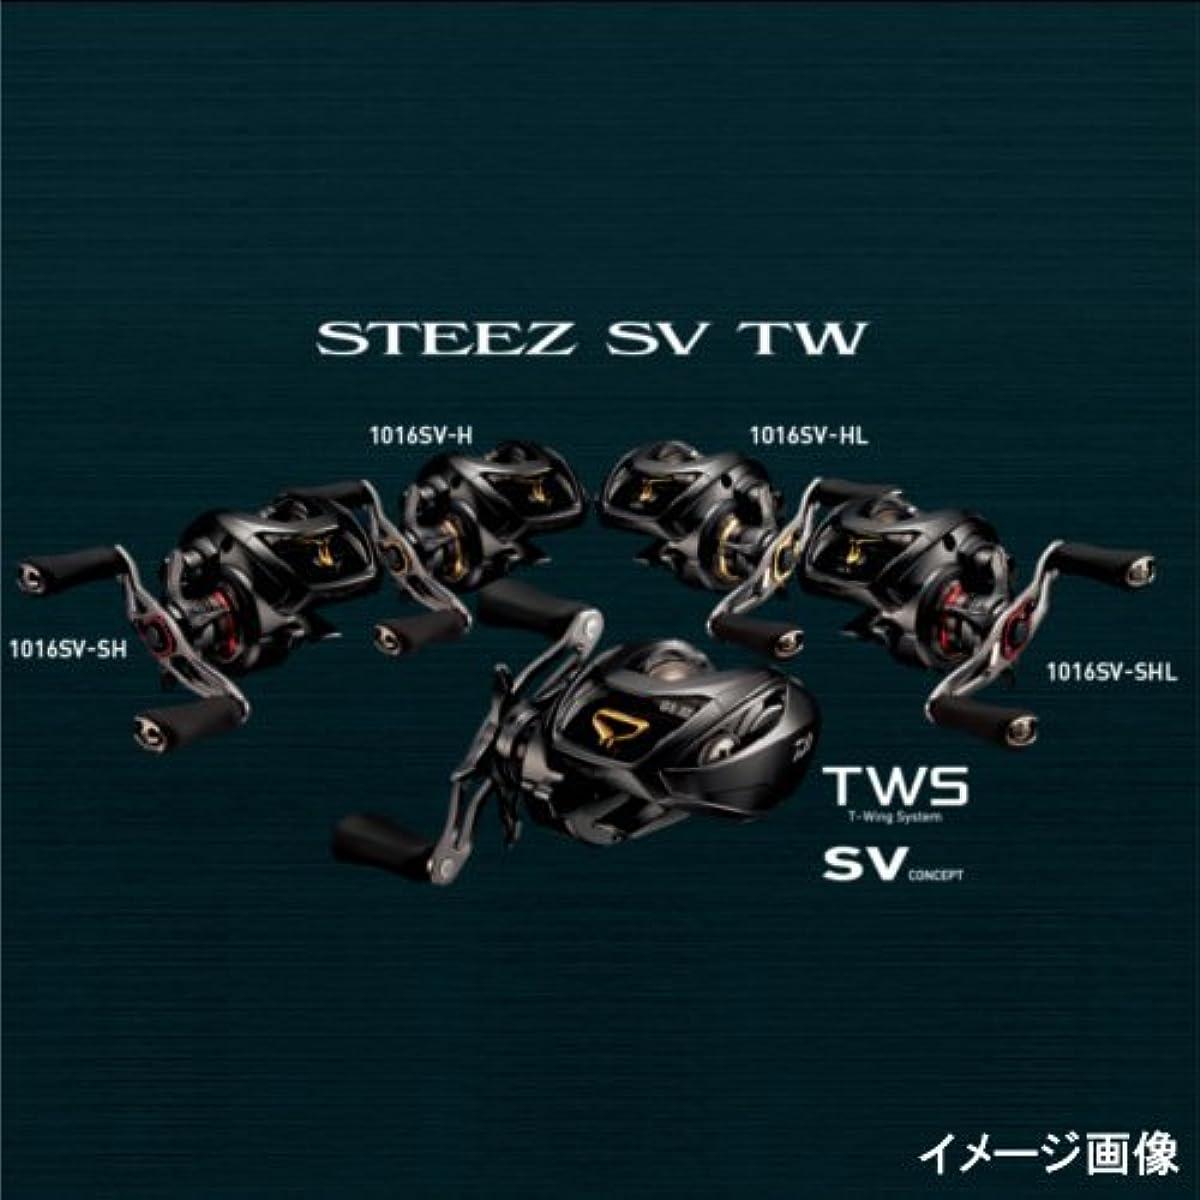 [해외] 당일발송 다이와 릴 스티즈 SV TW 1016SV-HL